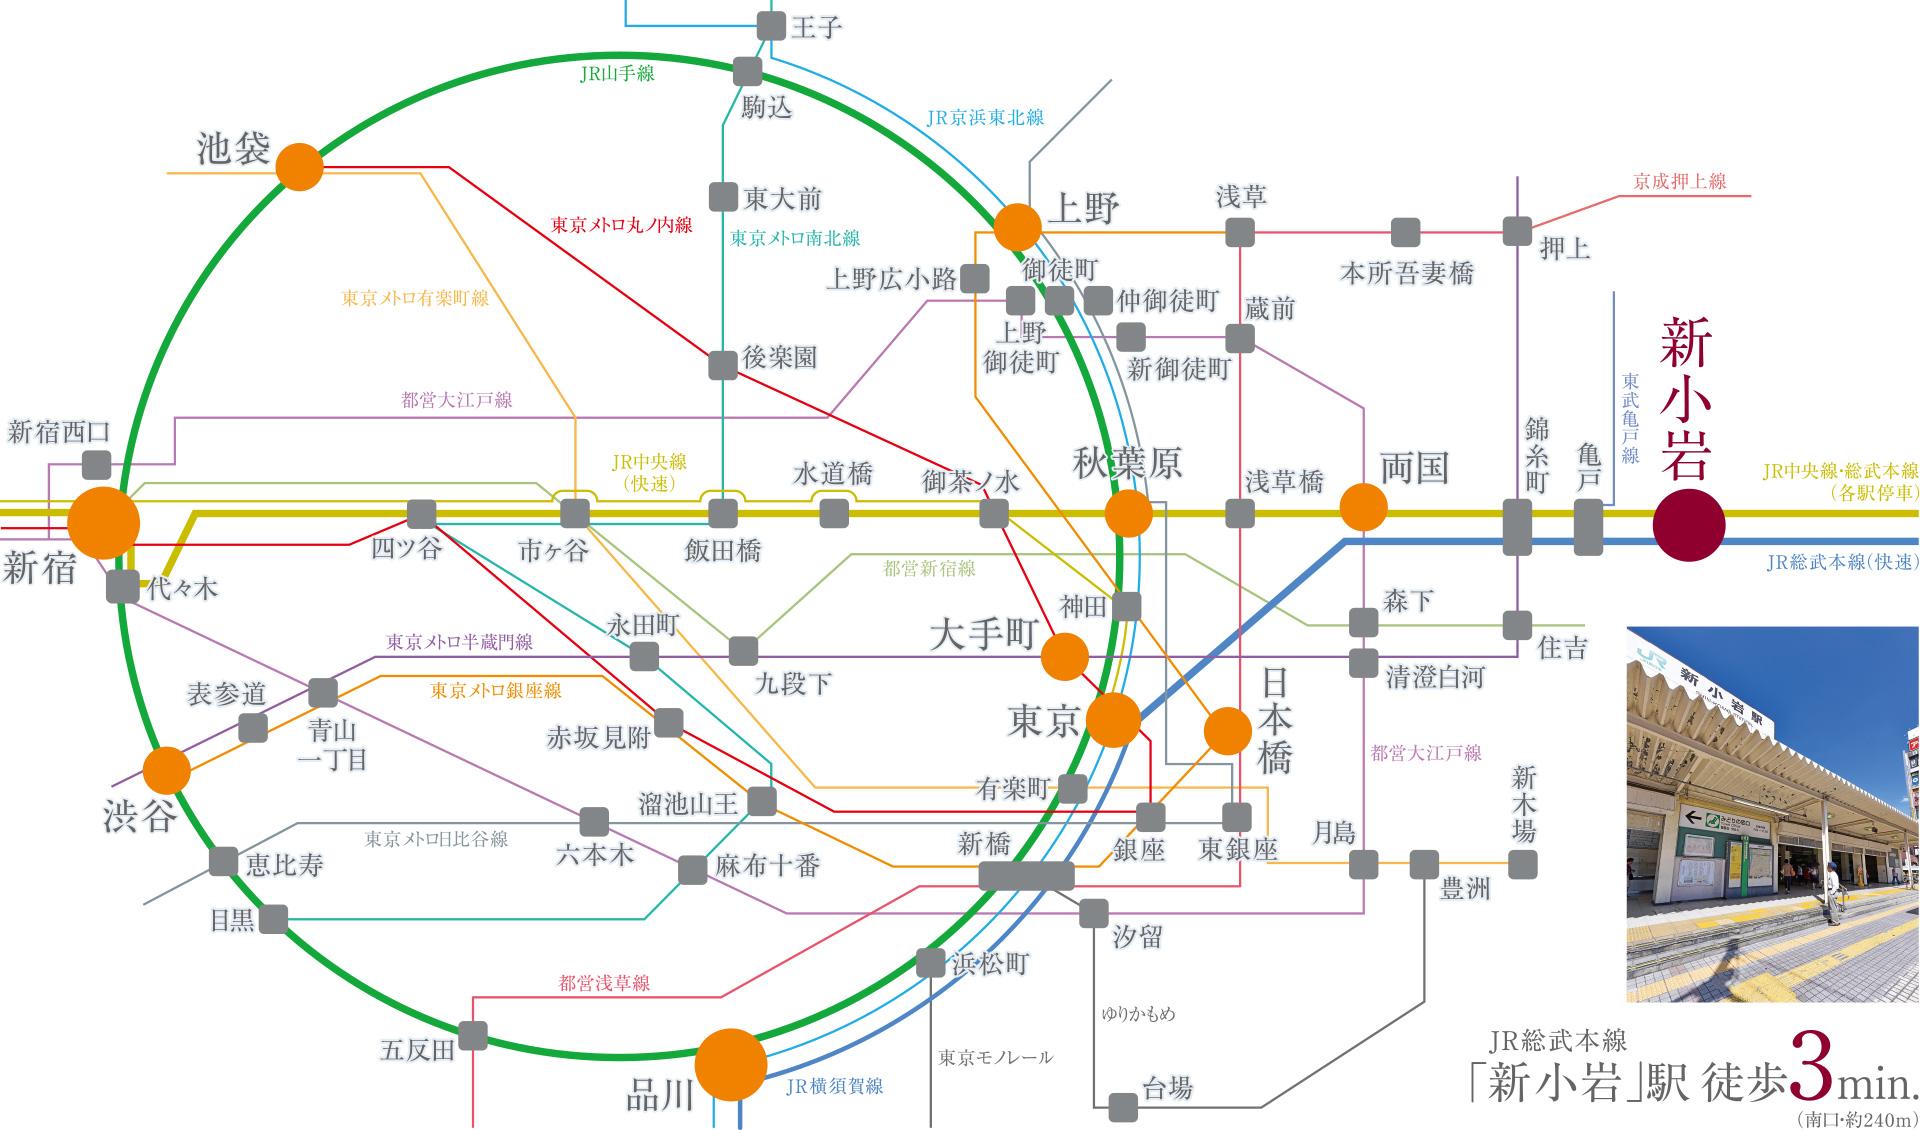 総武 線 路線 図